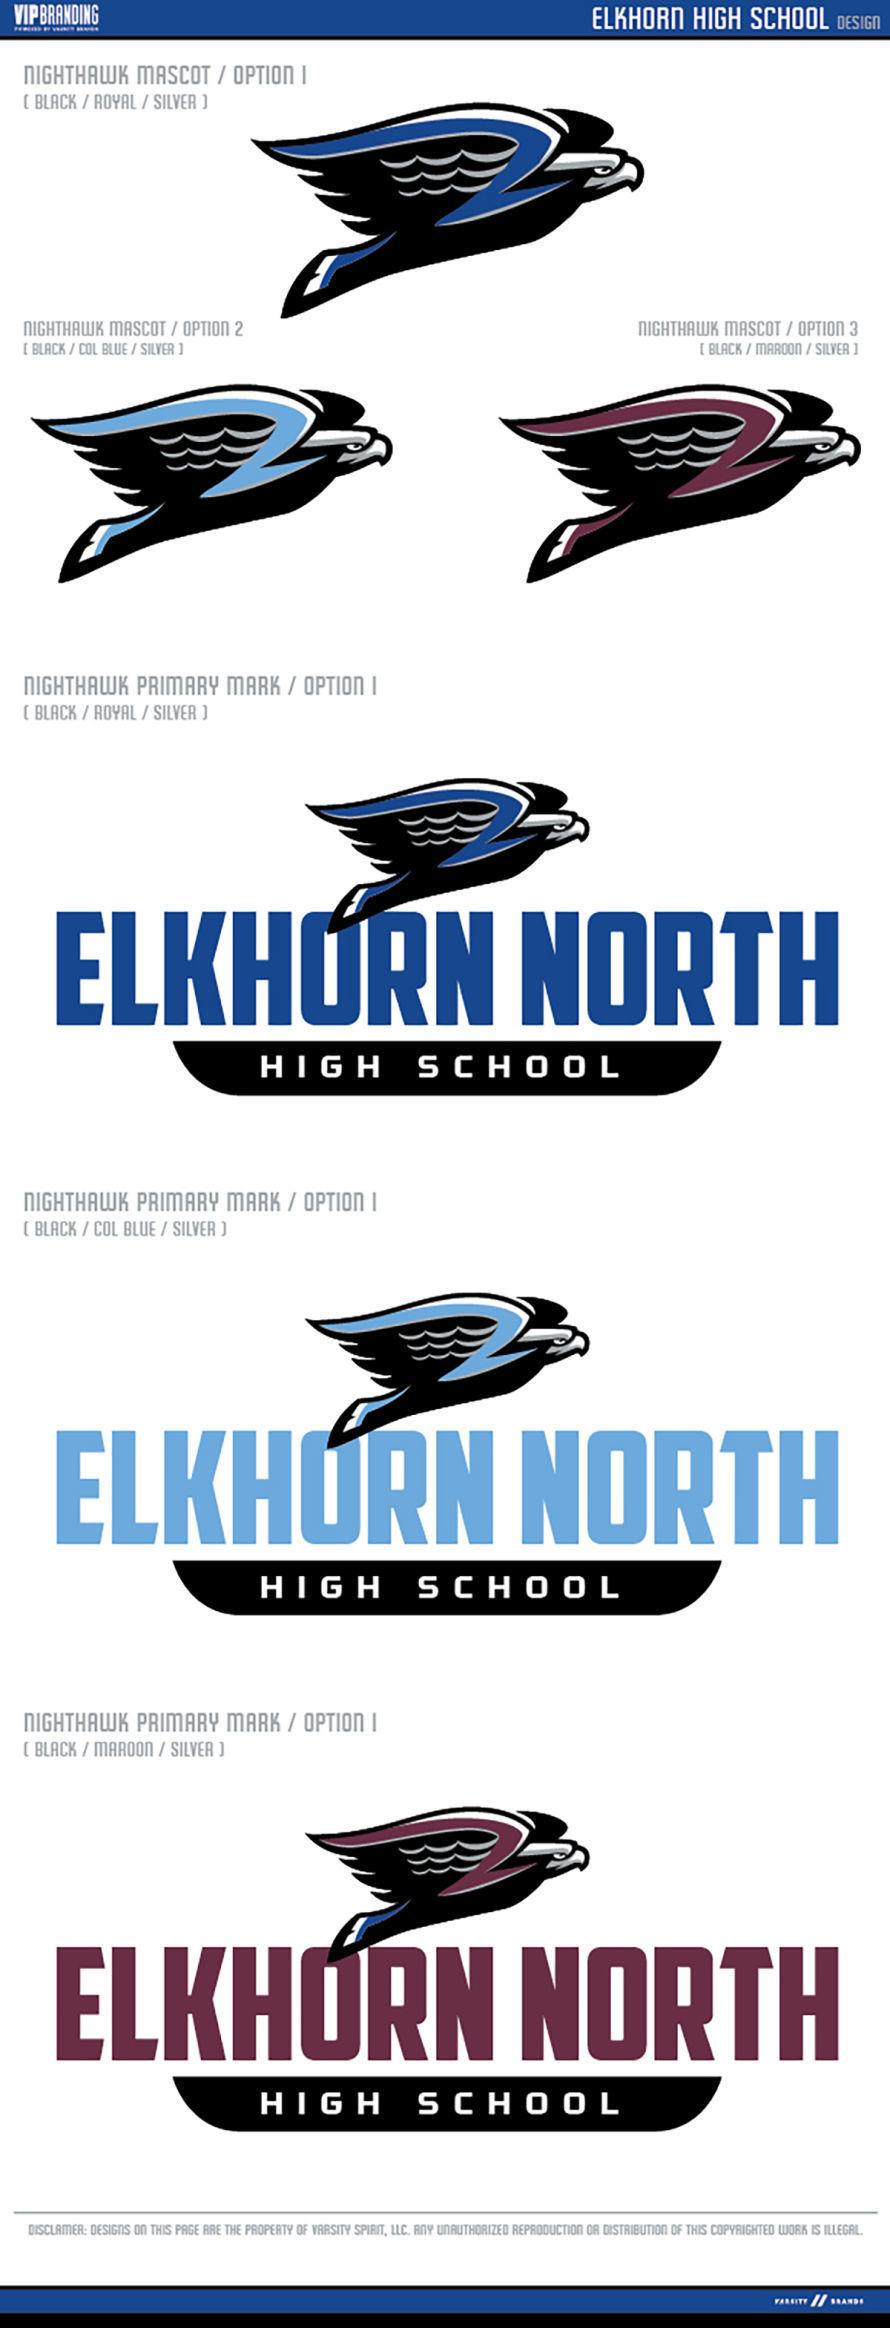 ENHS_Nighthawks